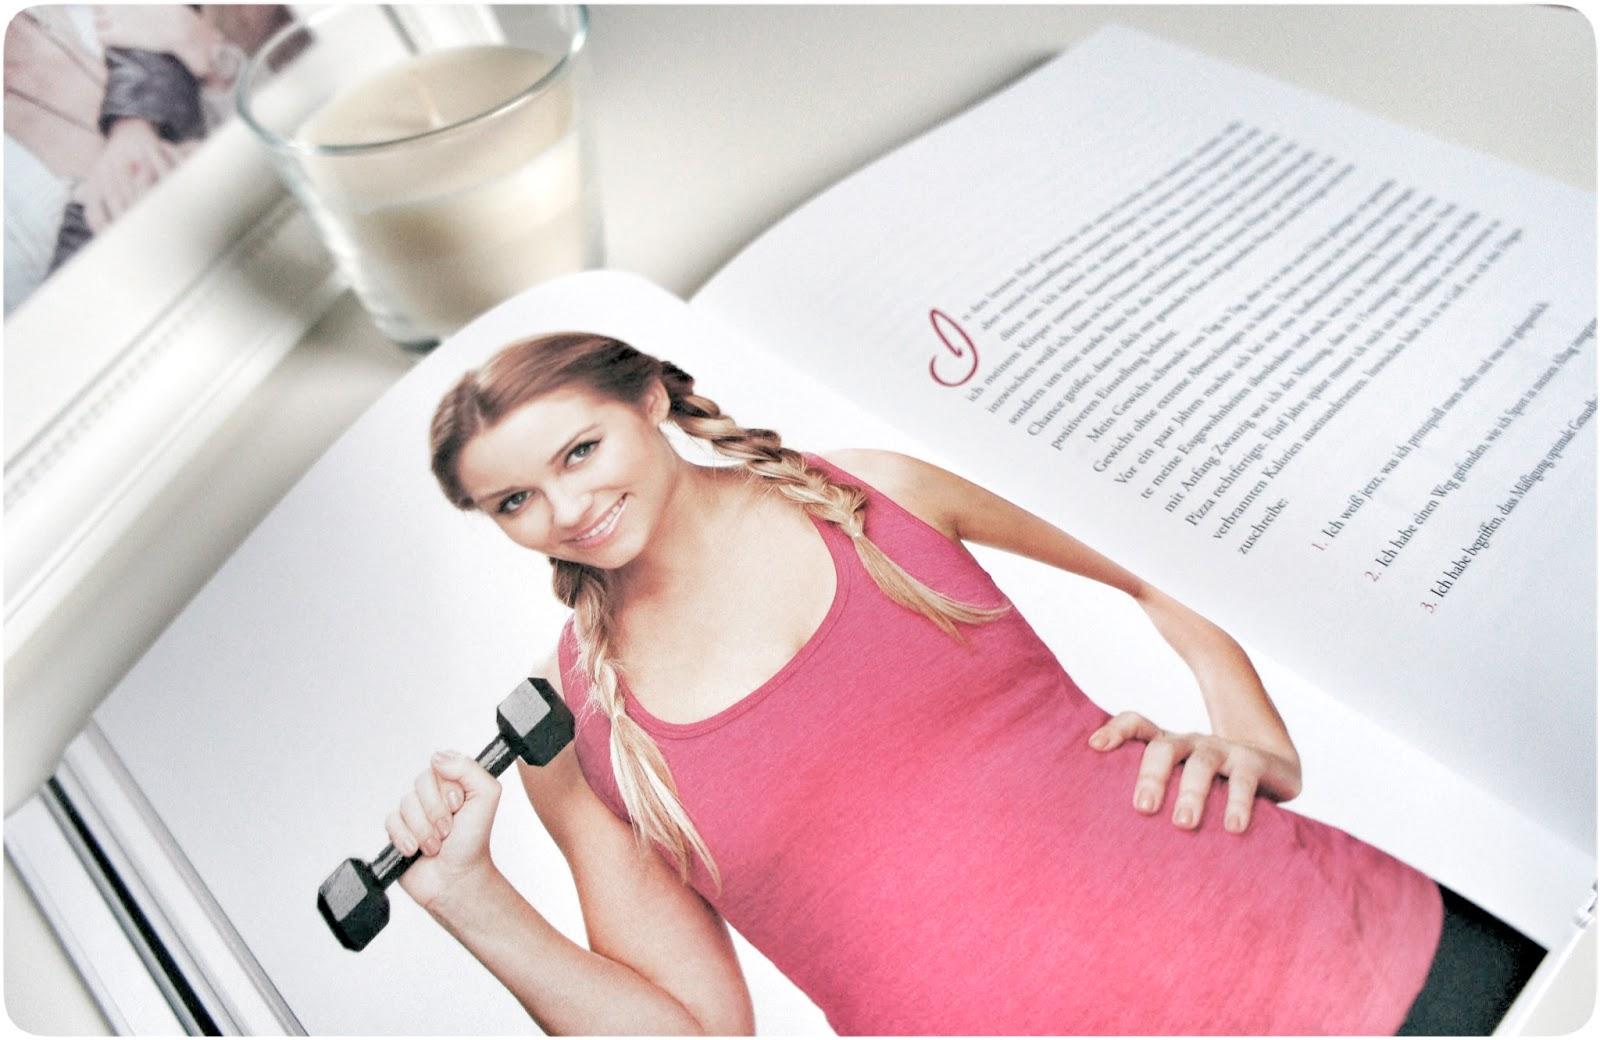 Lauren Conrad Fitness